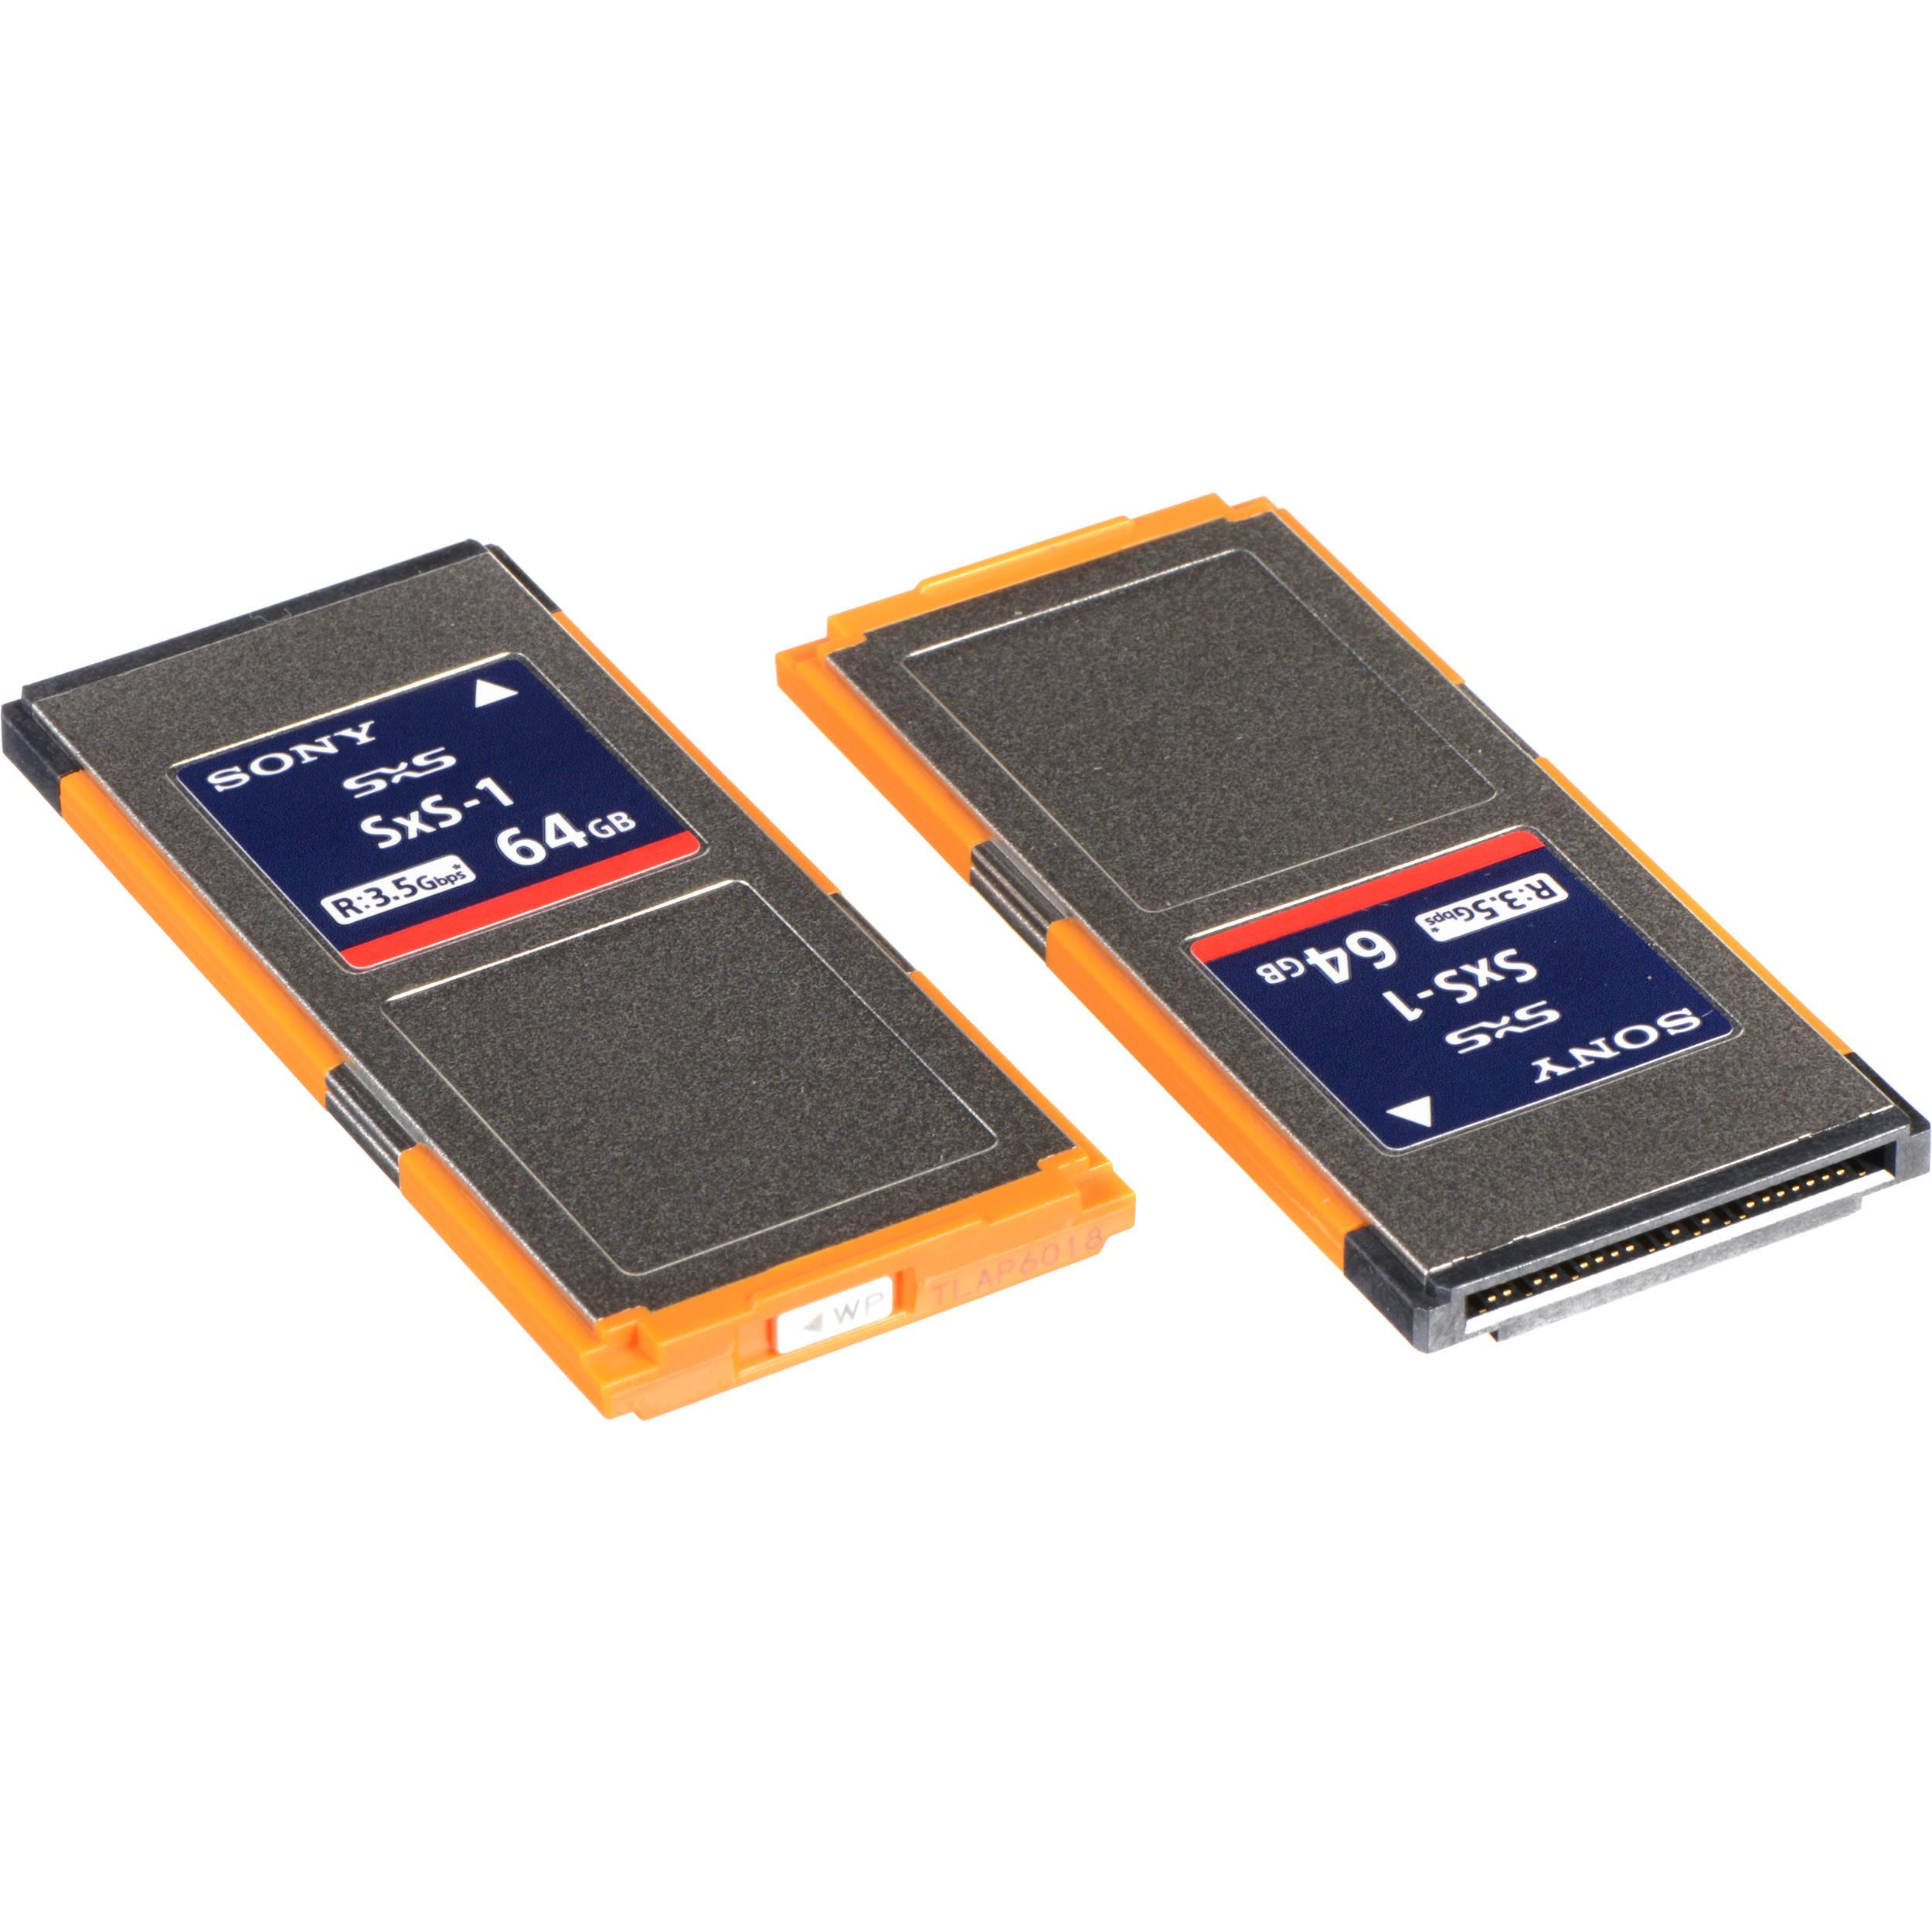 sony 64gb sxs1 g1c series memory card 2pack 2sbs64g1c